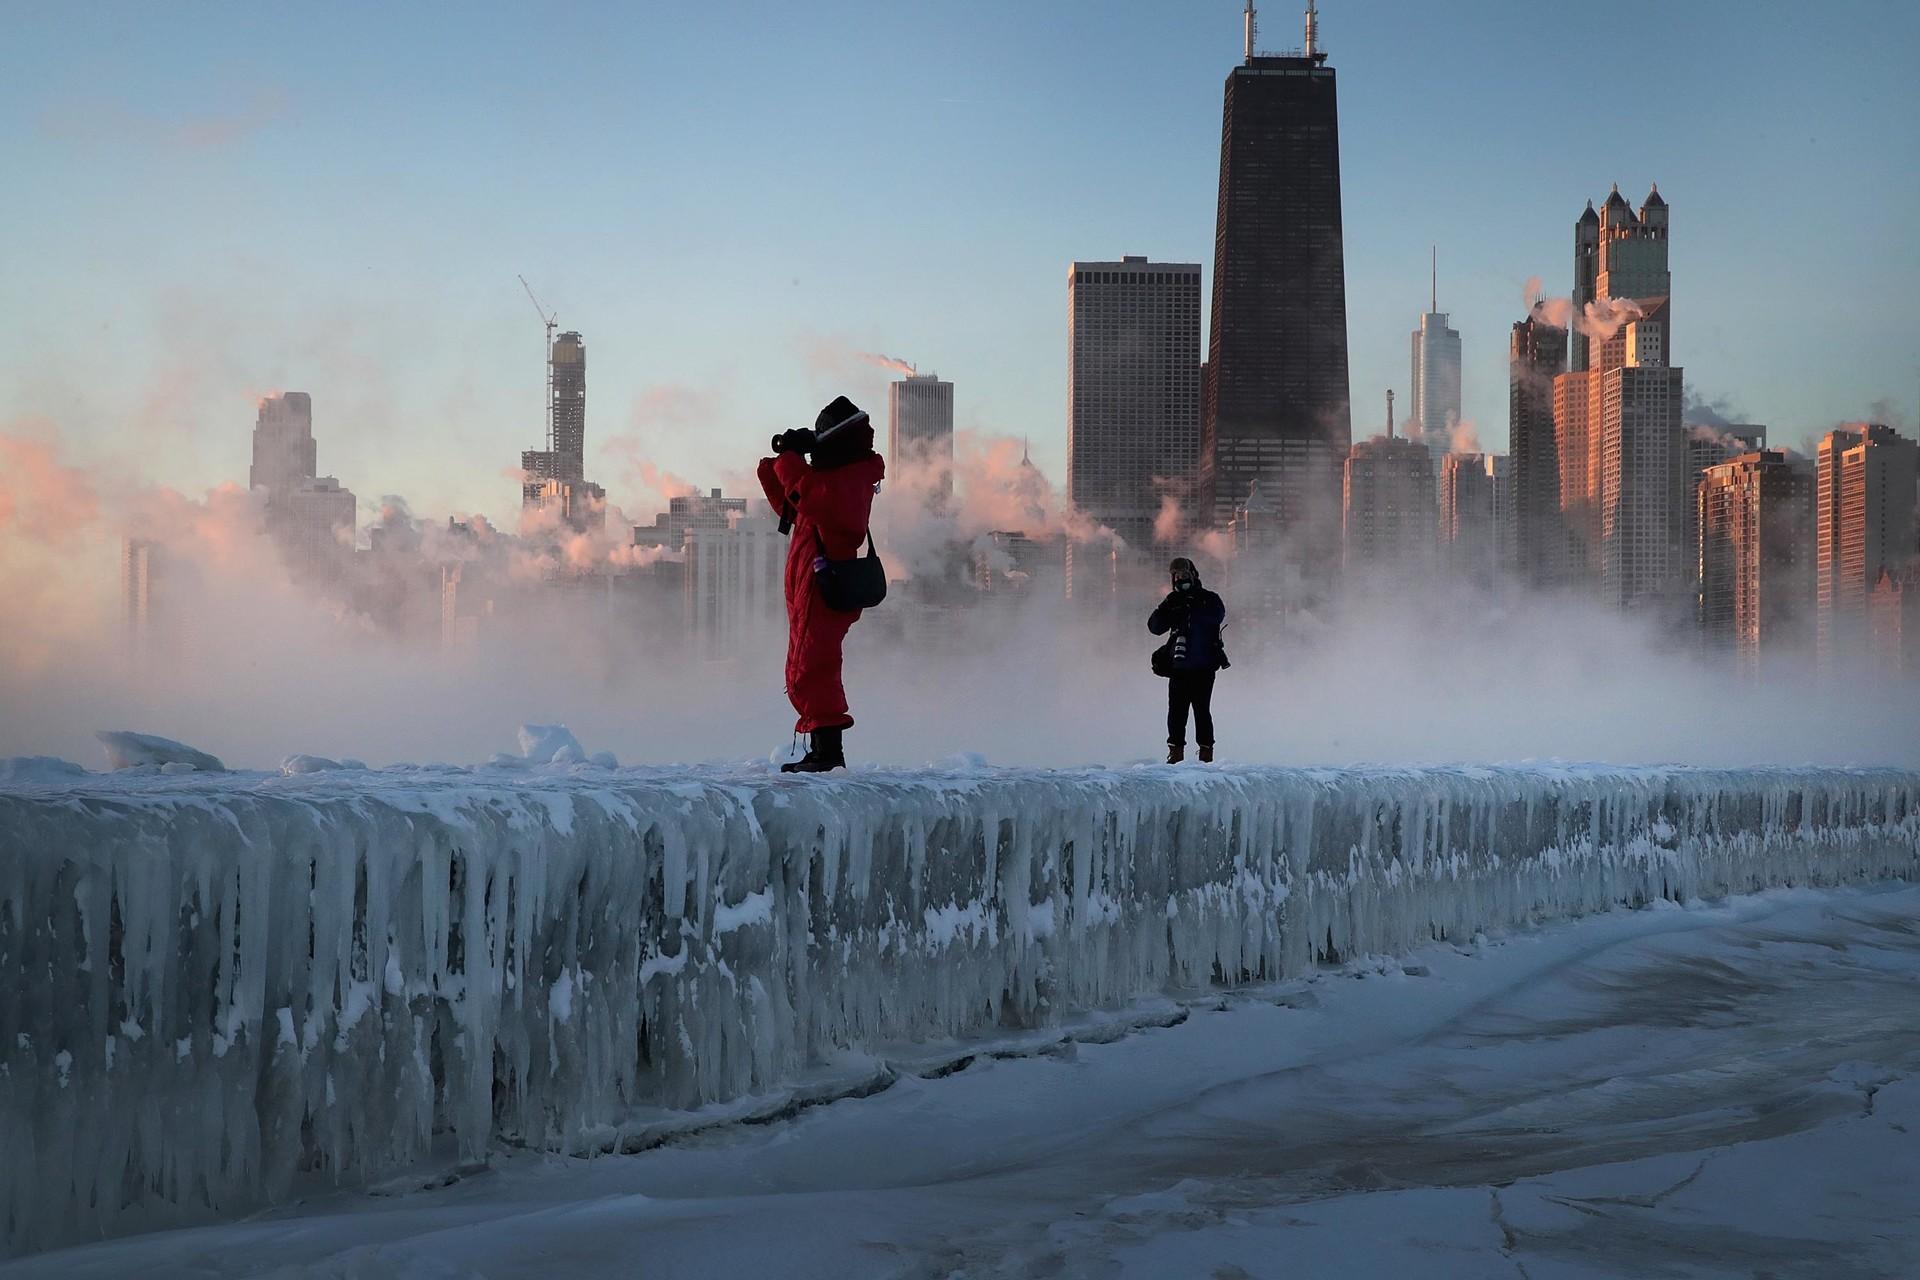 Peor que en la Antártida, el temido Vórtice polar 5c54cd4c08f3d92e028b4567